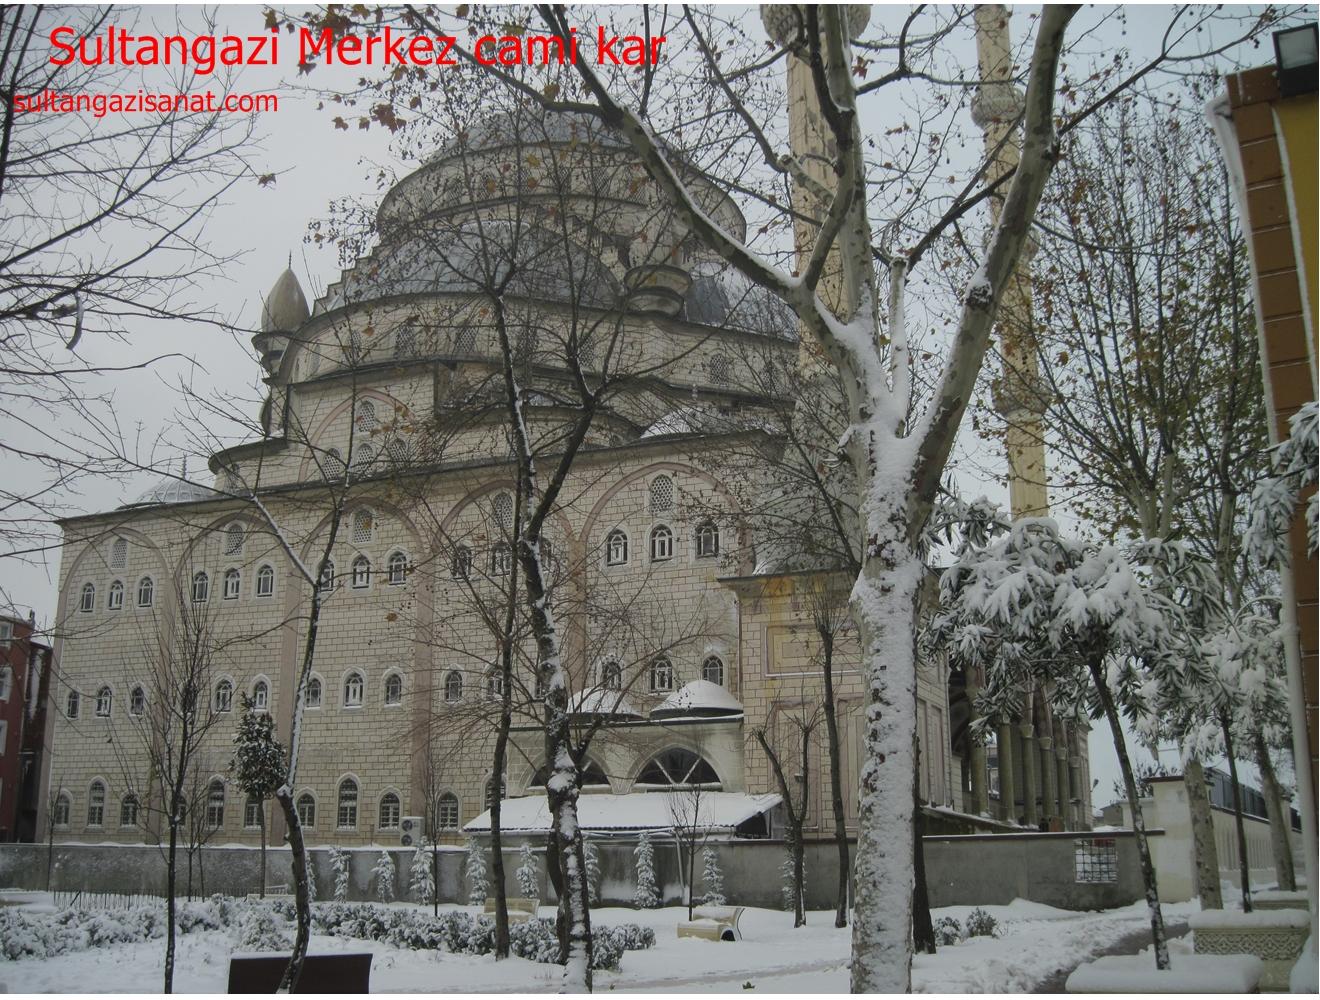 Sultangazi Merkez cami kar